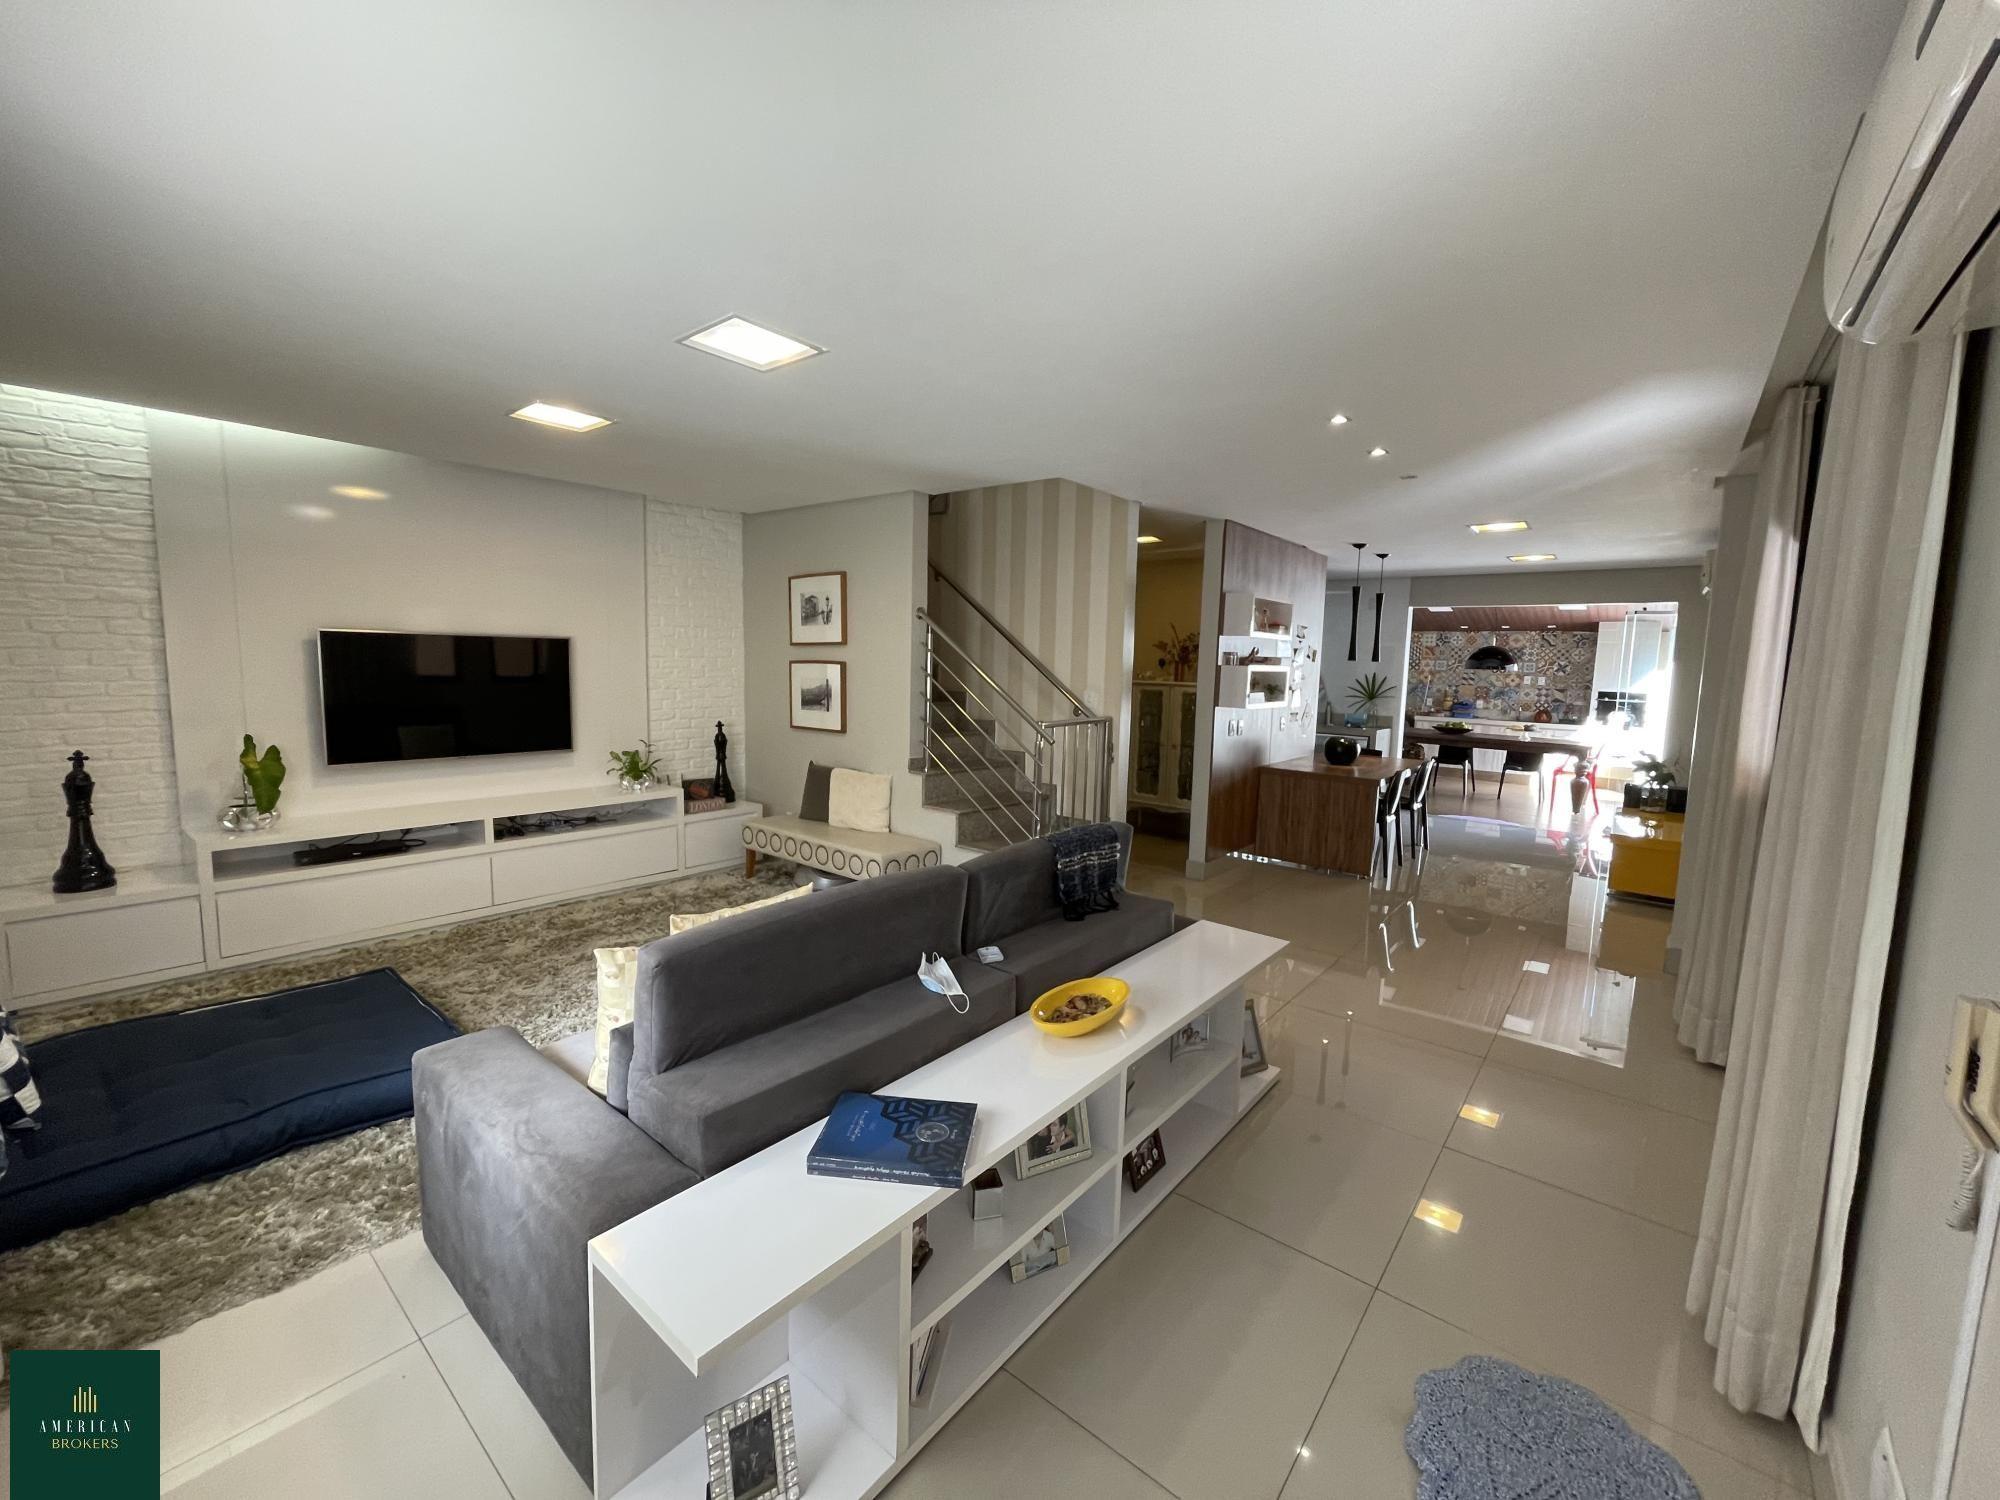 Casa em condomínio à venda  no Jardim América - Goiânia, GO. Imóveis